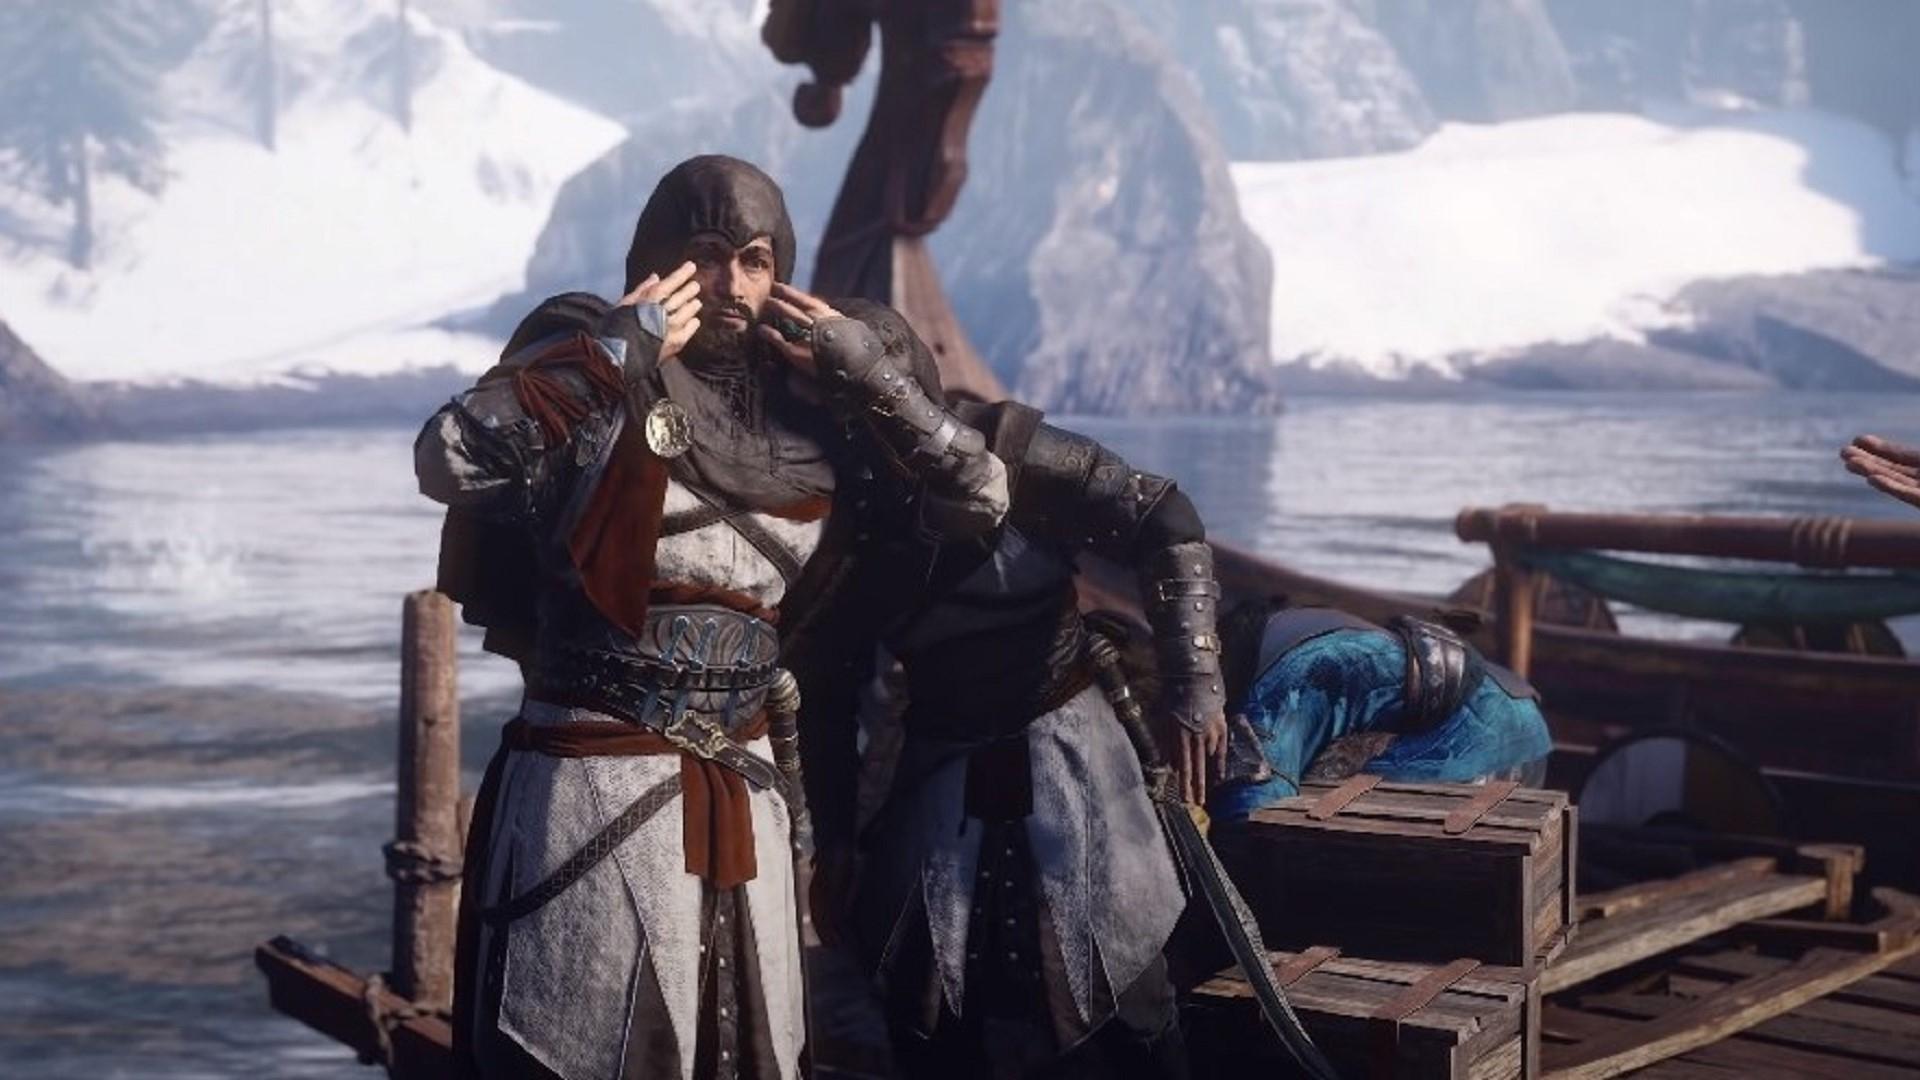 Нарративный директор Assassin's Creed Valhalla рассказал, как разработчики придумывают отсылки к прошлым играм серии